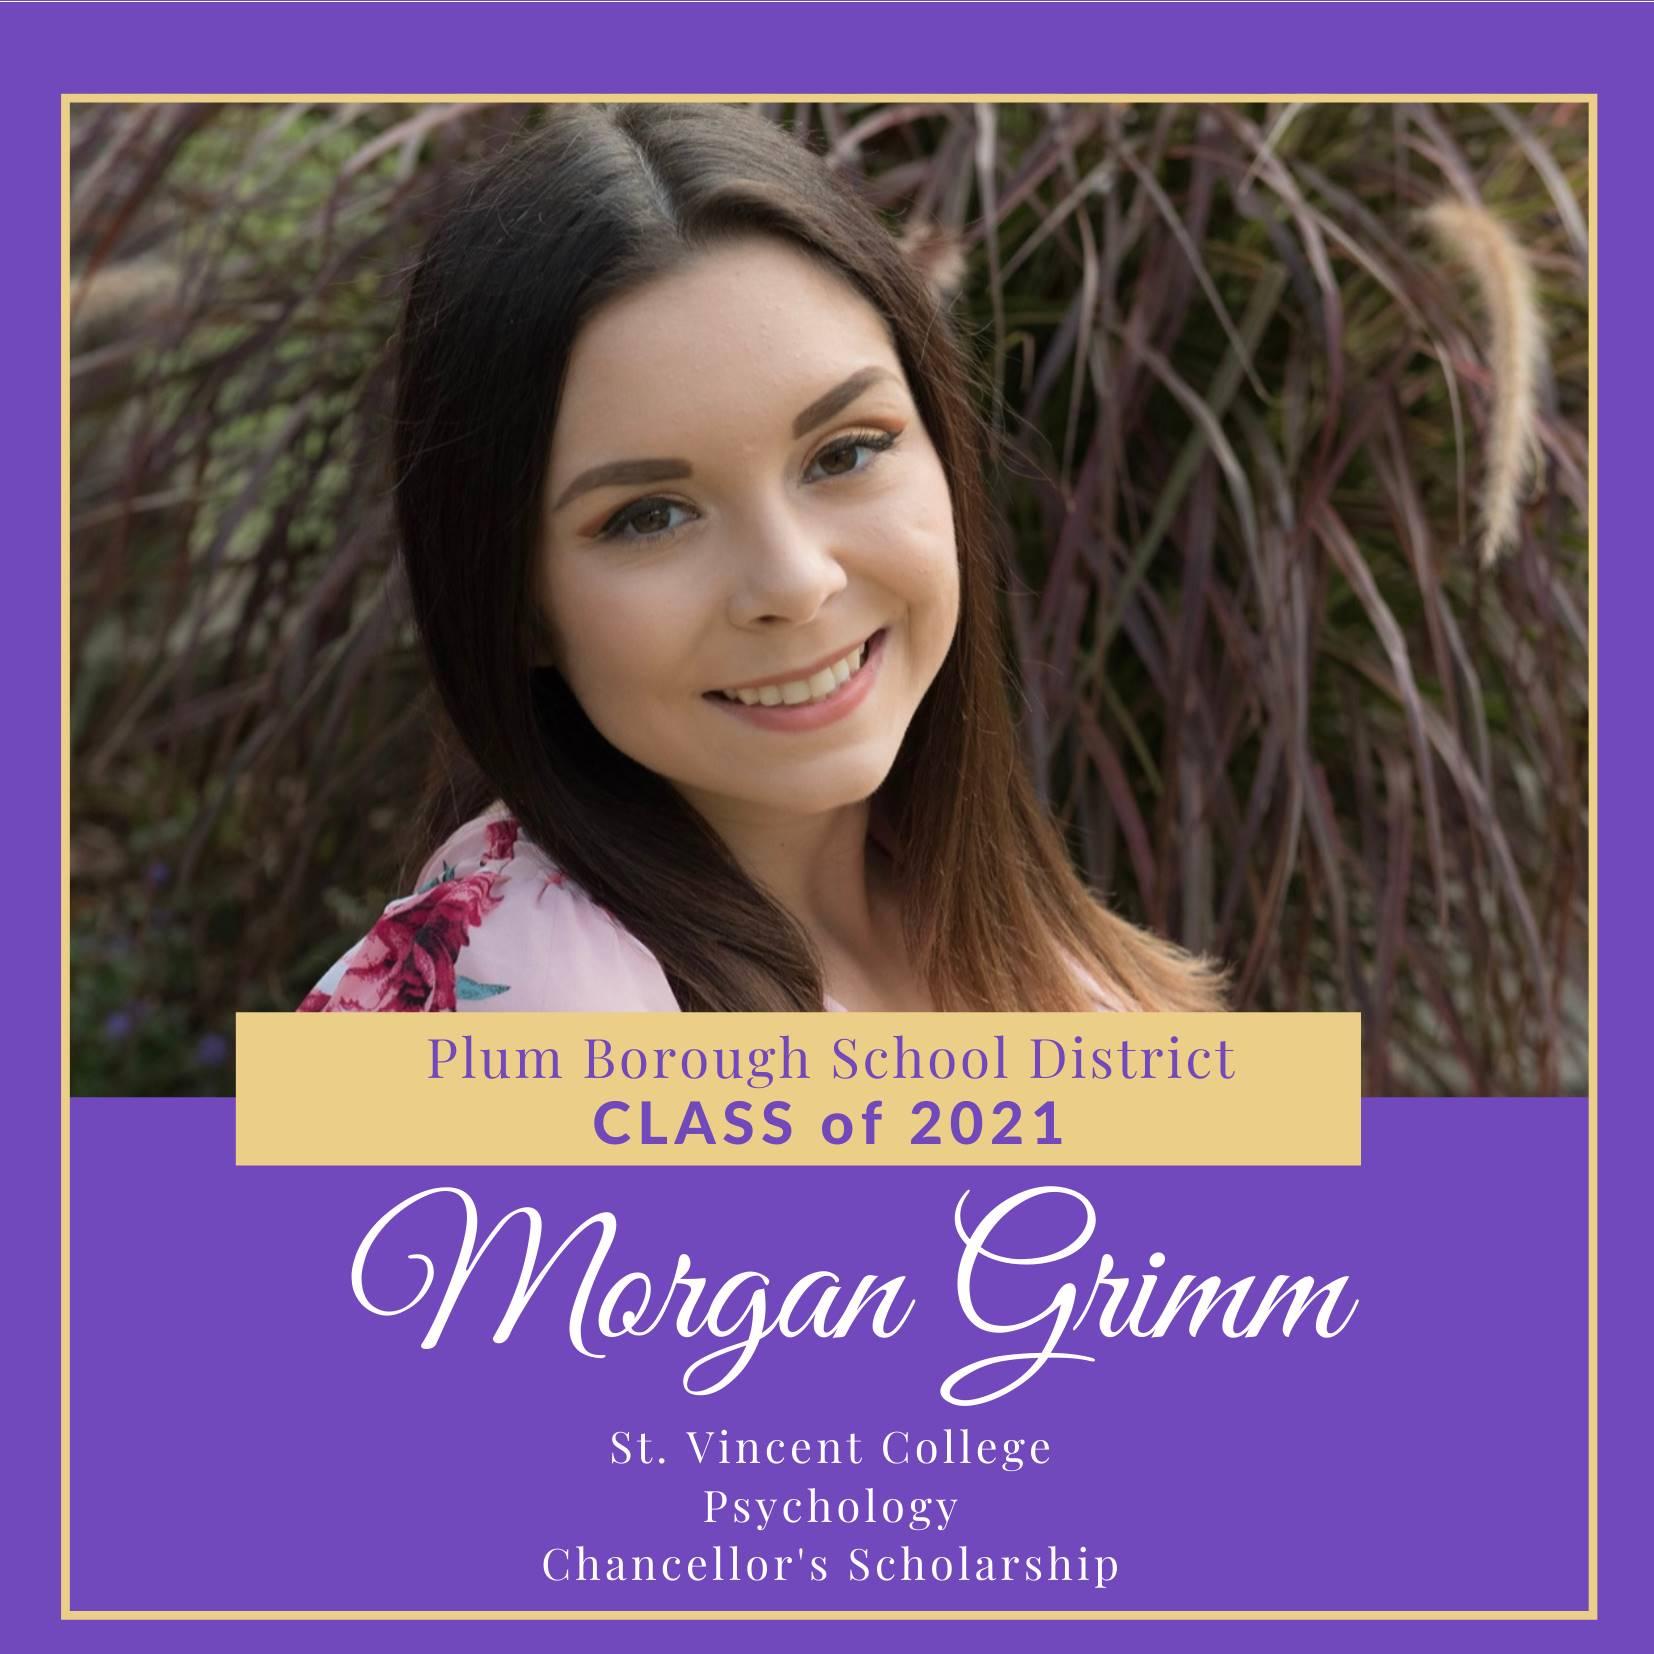 Congratulations to Morgan Grimm, Class of 2021!